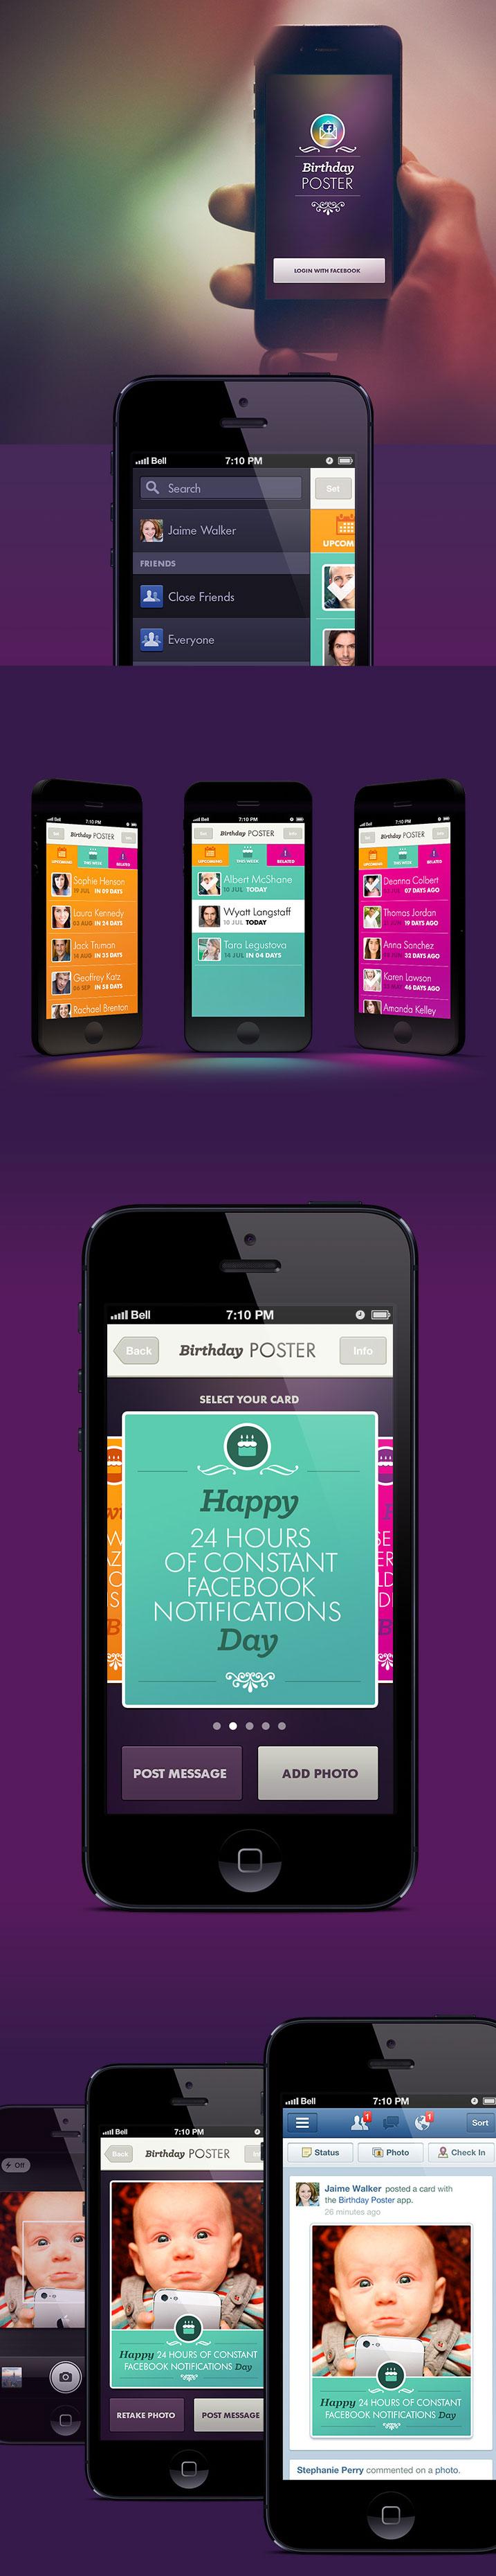 Facebook-poster-uygulamasi-mobil-tasarimi